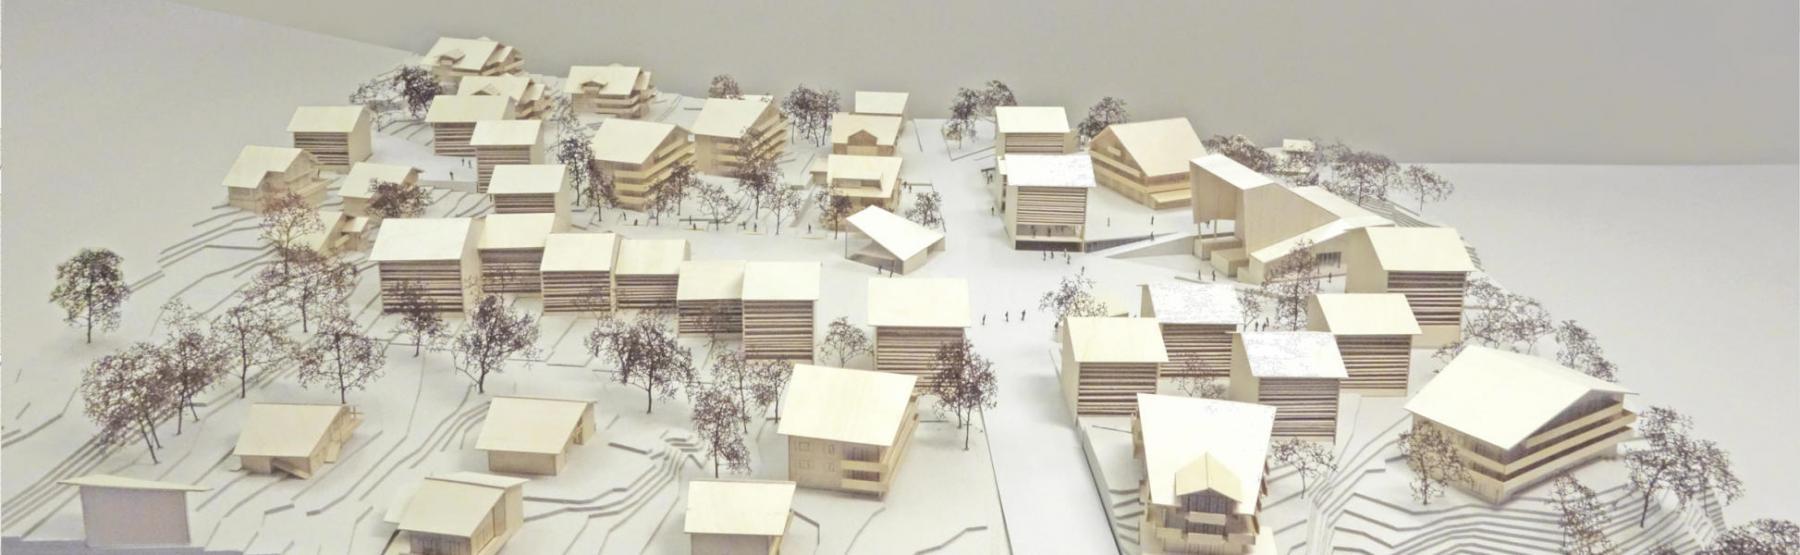 perspective du projet lauréat Casper (©Fournier-Maccagnan architectes)